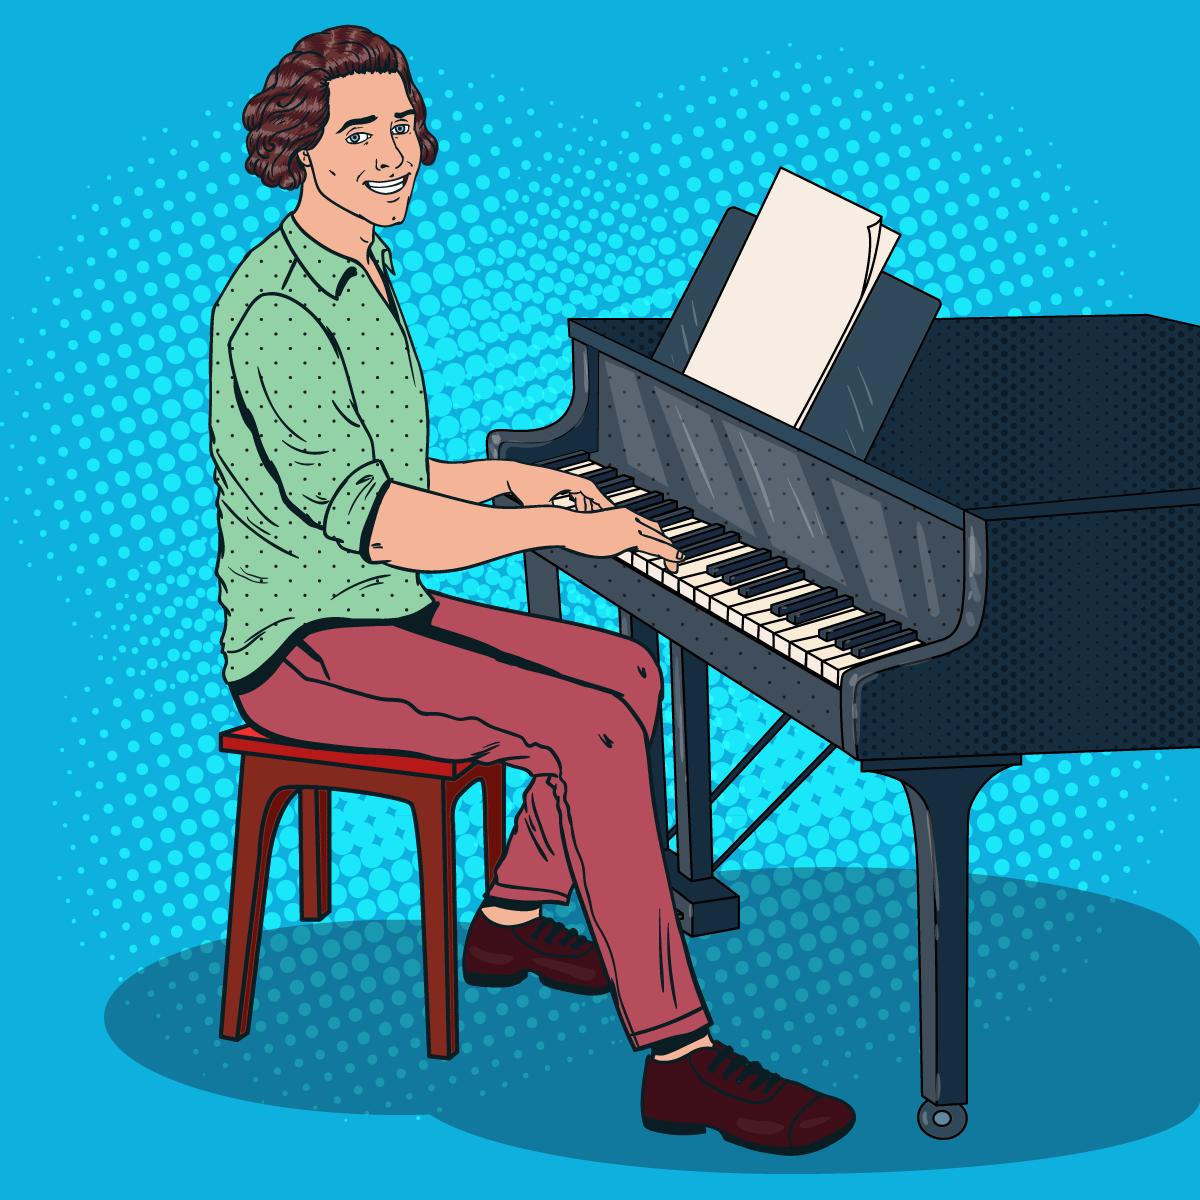 Анекдот про то, как пианист концерт Рахманинова настудии записывал